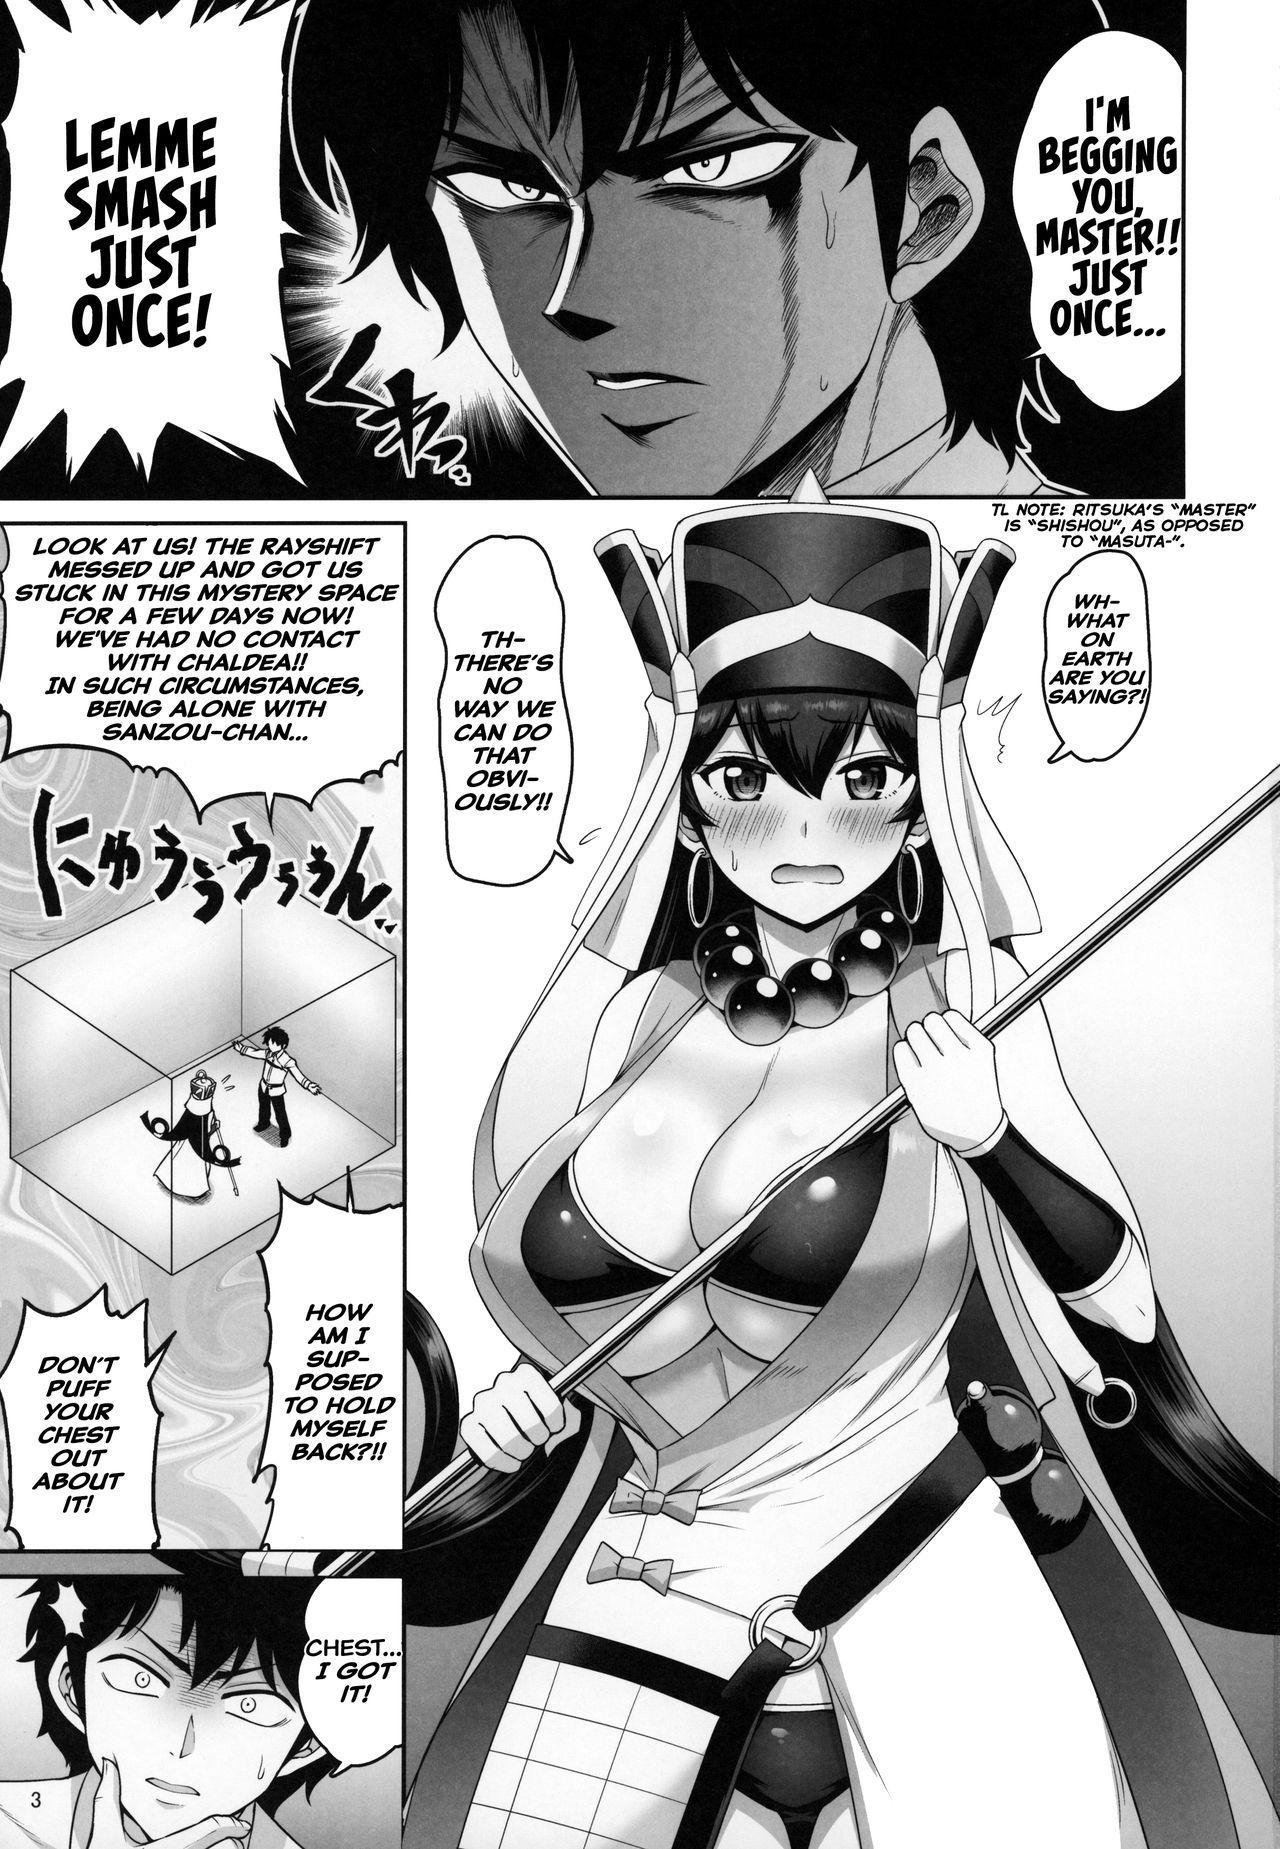 (C96) [Urasazan (Minamino Sazan)] Sanzou-chan no Chichi o Okashimakuru Hon | A Book Where Sanzou-chan's Tits Are Totally Violated (Fate/Grand Order) [English] [Hive-san] 1